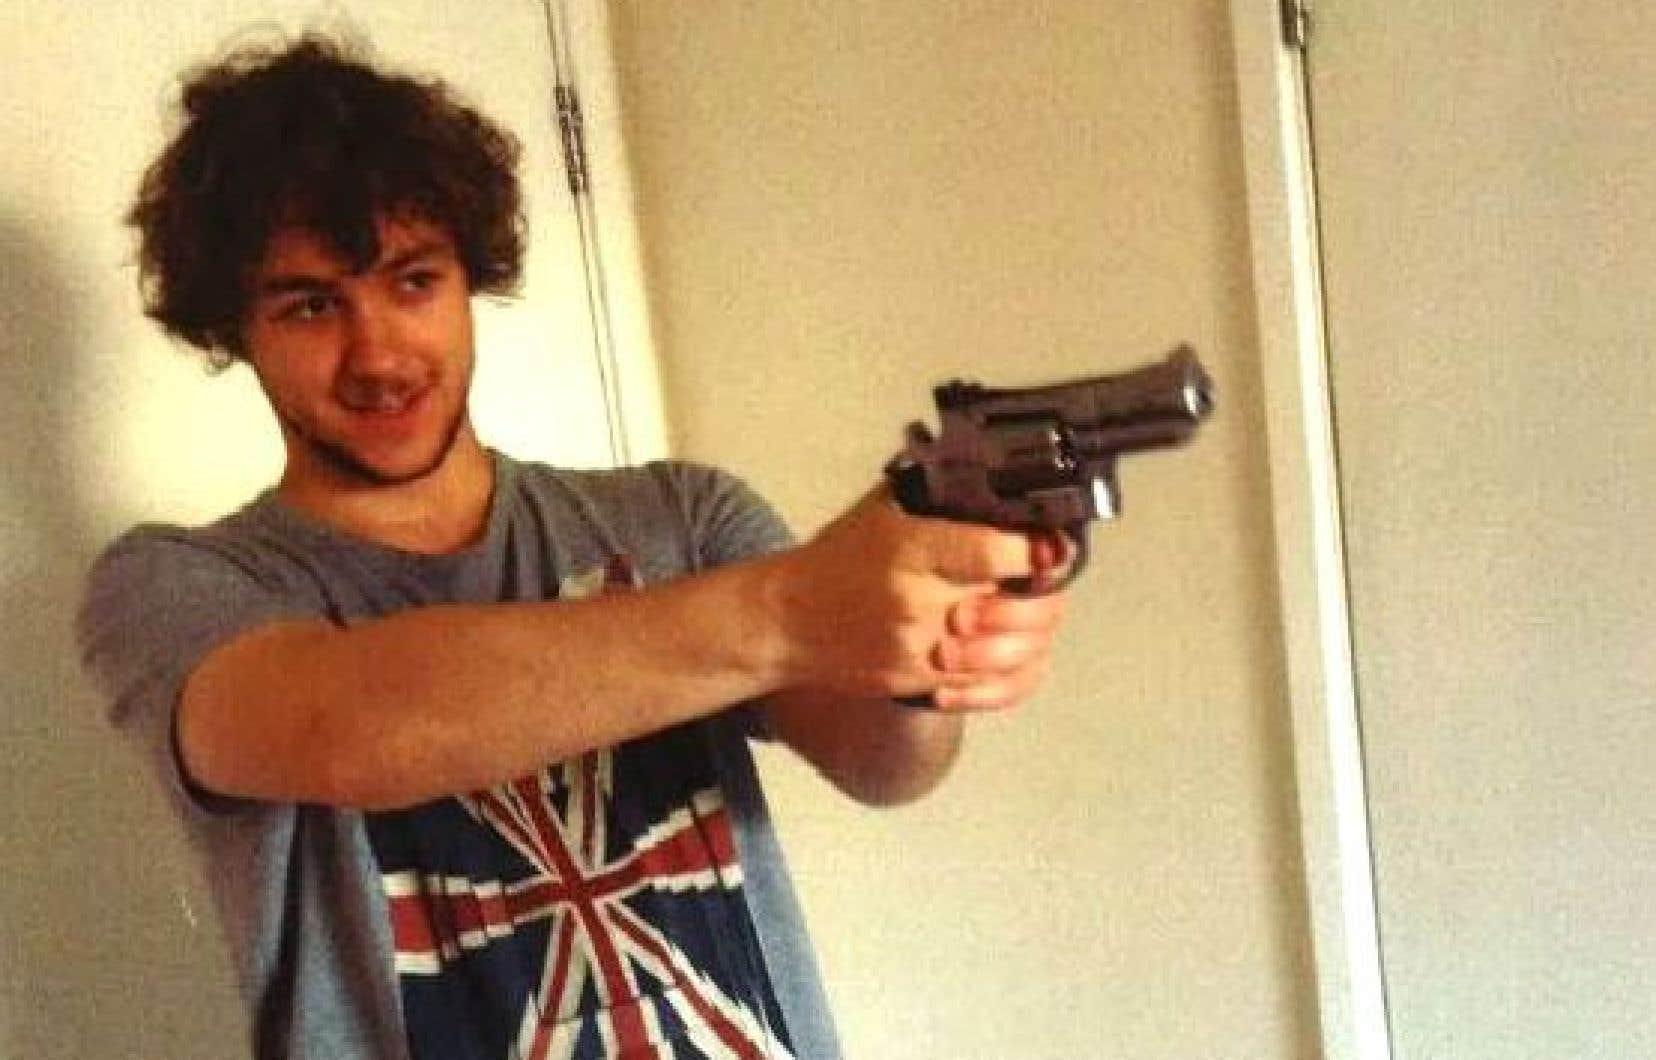 Cette image non datée publiée par le British Metropolitan Police Service à Londres le 3 mai 2017 montre Damon Joseph Smith pointant un revolver.